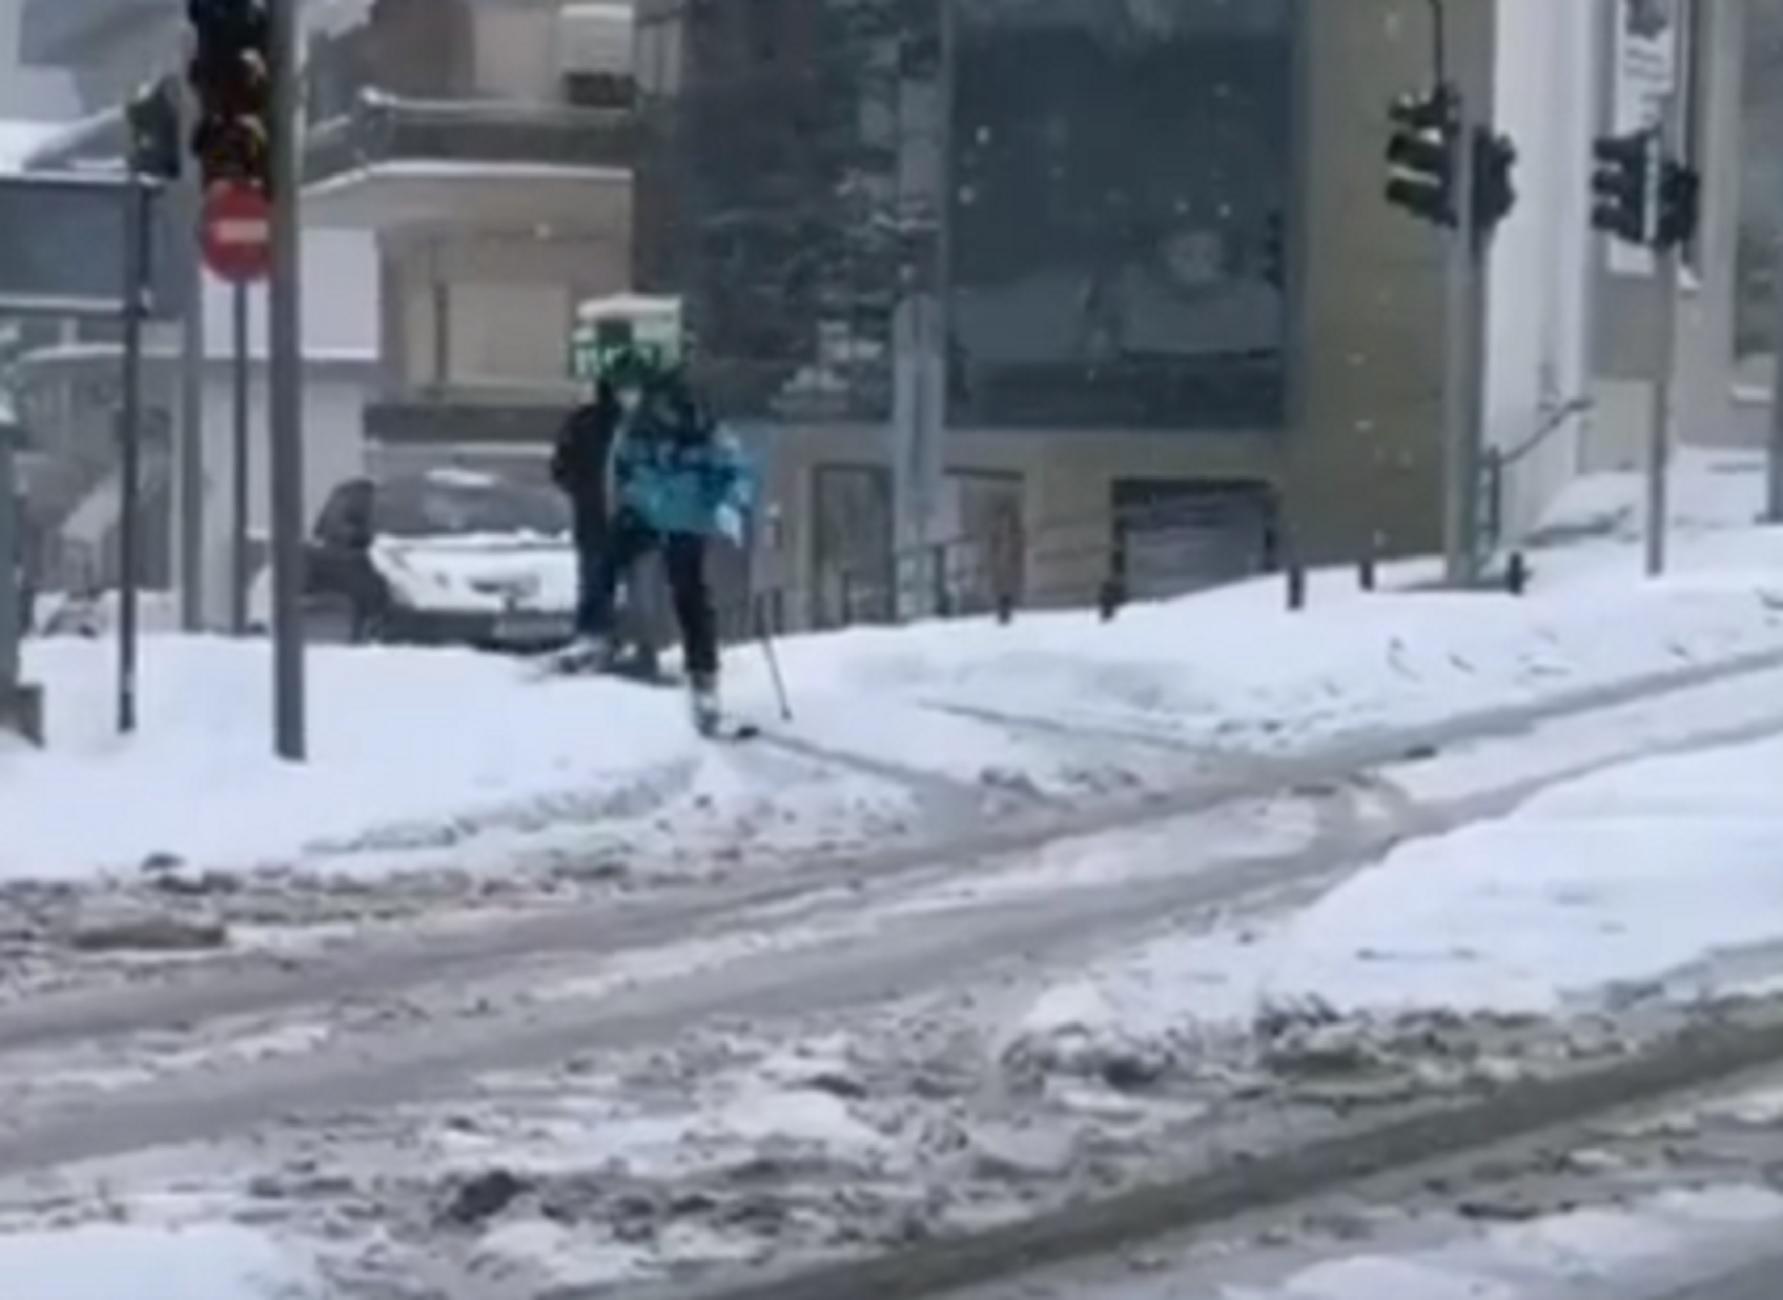 Καιρός – Κοζάνη: Εκεί που ο υδράργυρος έδειξε – 20 βαθμούς Κελσίου – Έκανε σκι στη μέση του δρόμου (video)